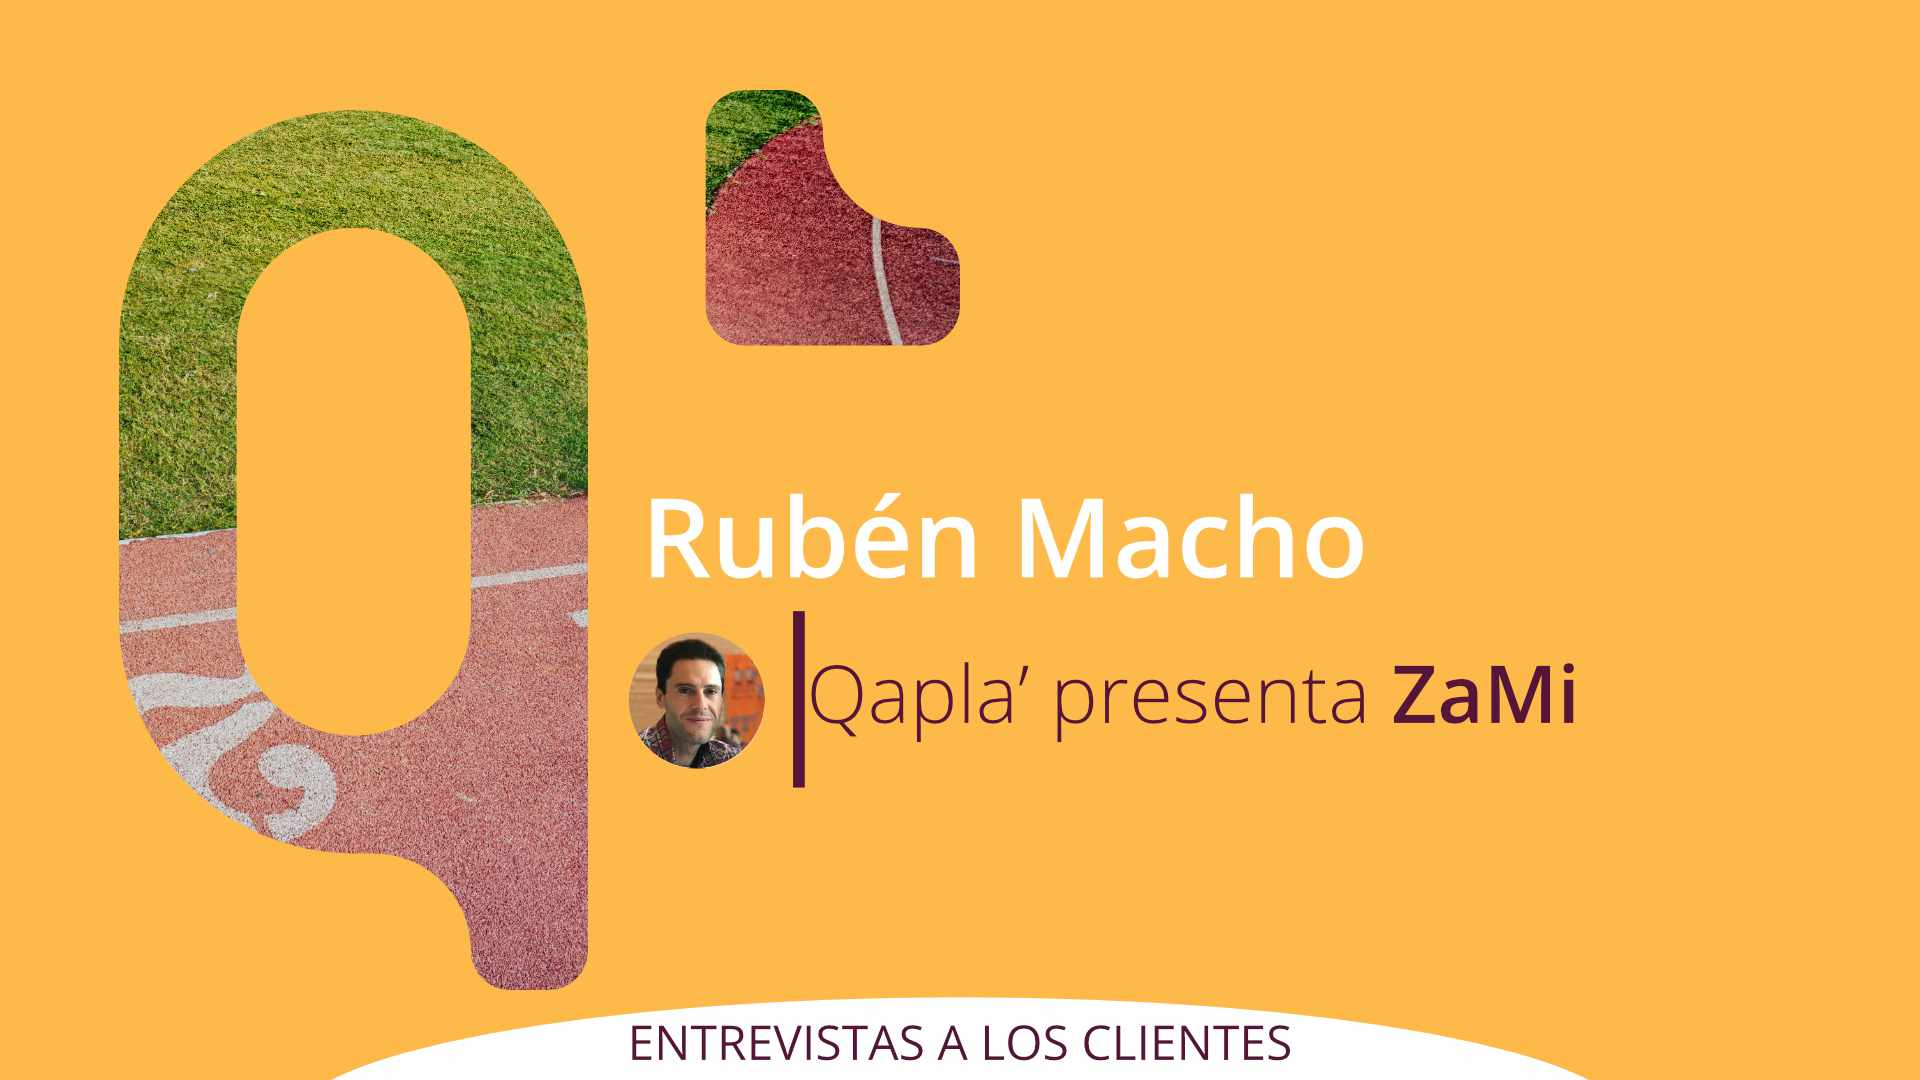 Qapla' presenta ZaMi: Entrevista a Rubén Macho